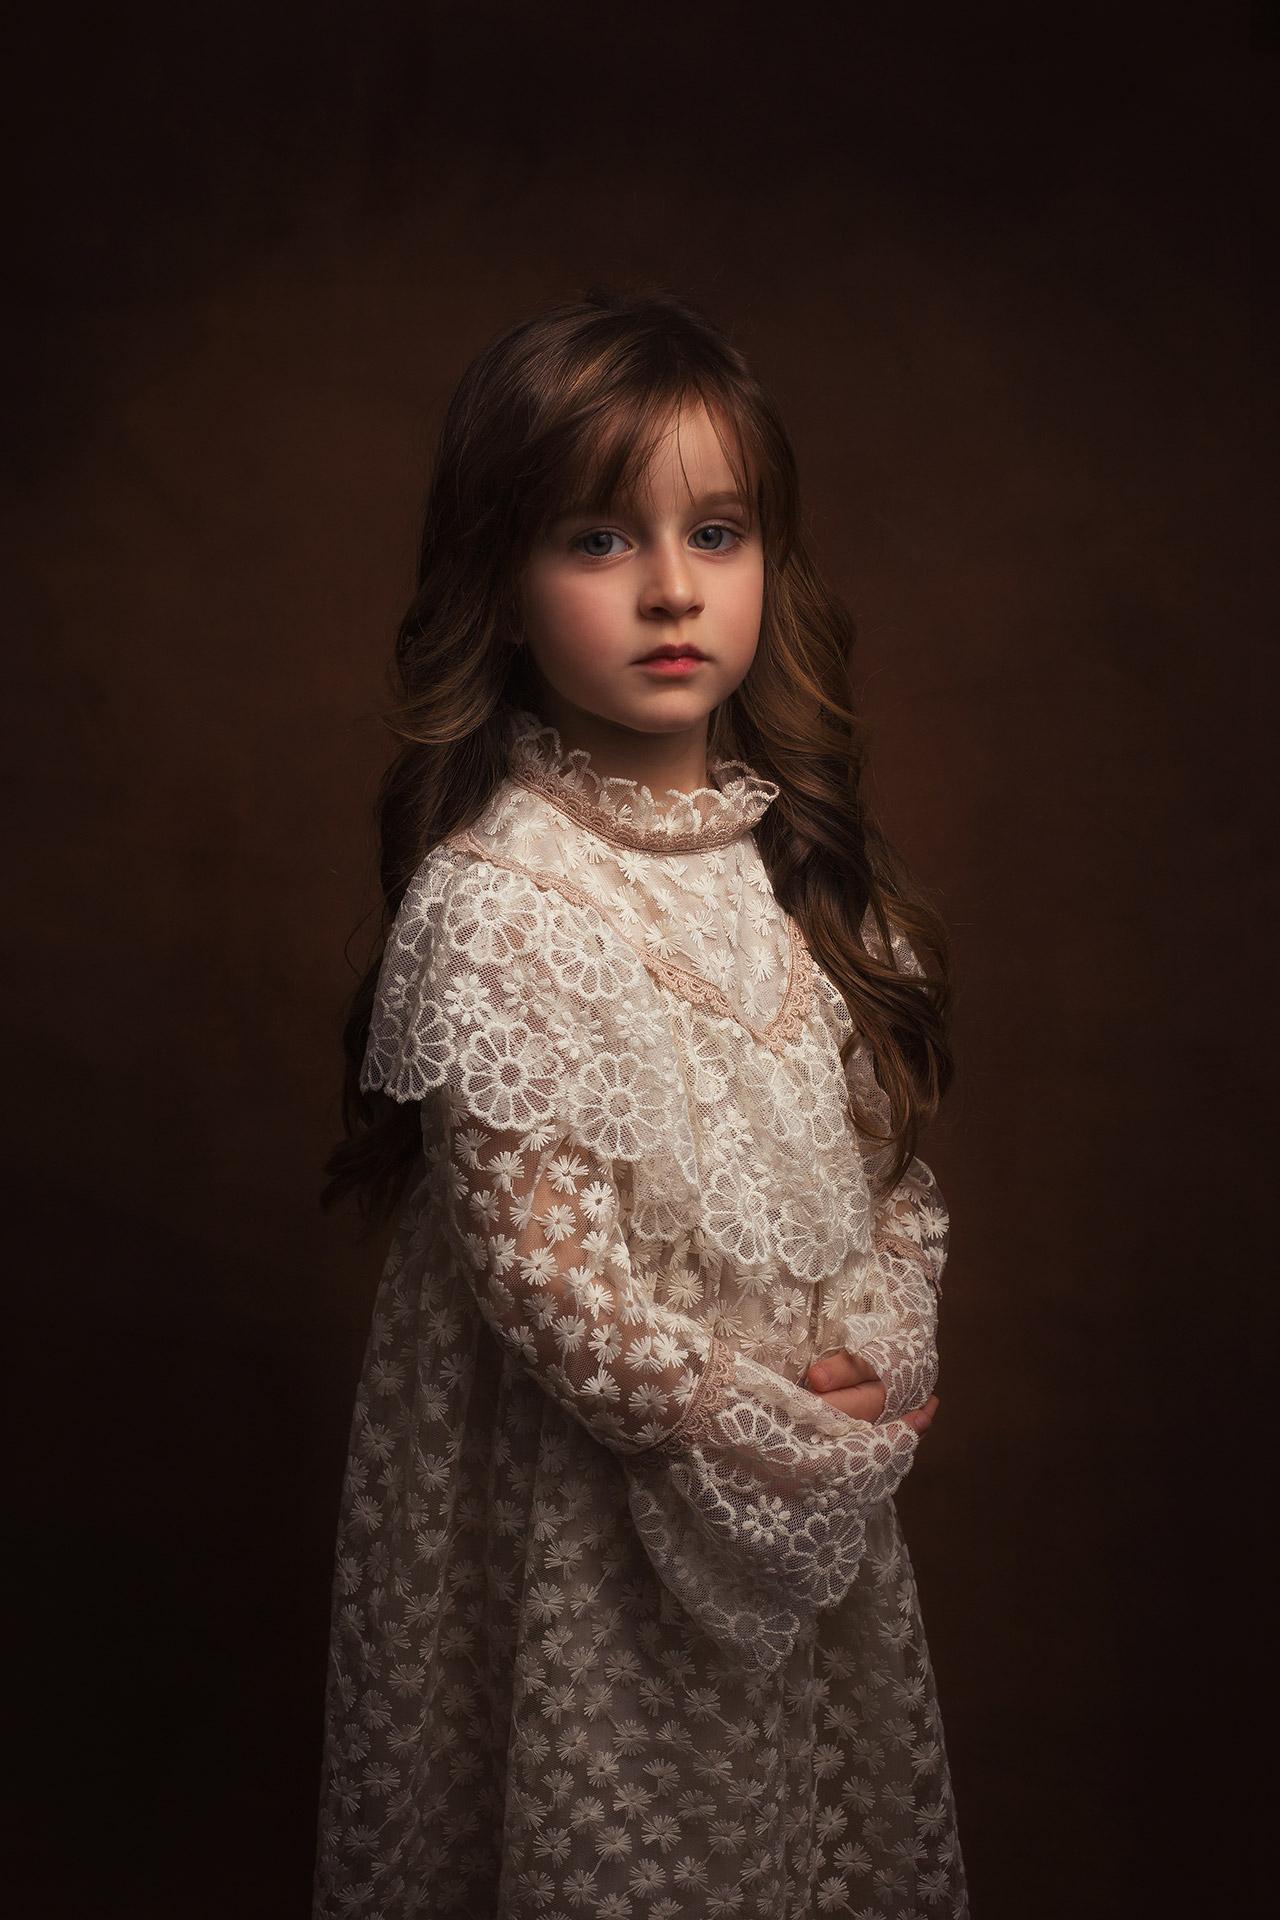 fine art, portrait, fotografie portret, sedinta foto portret, fashion